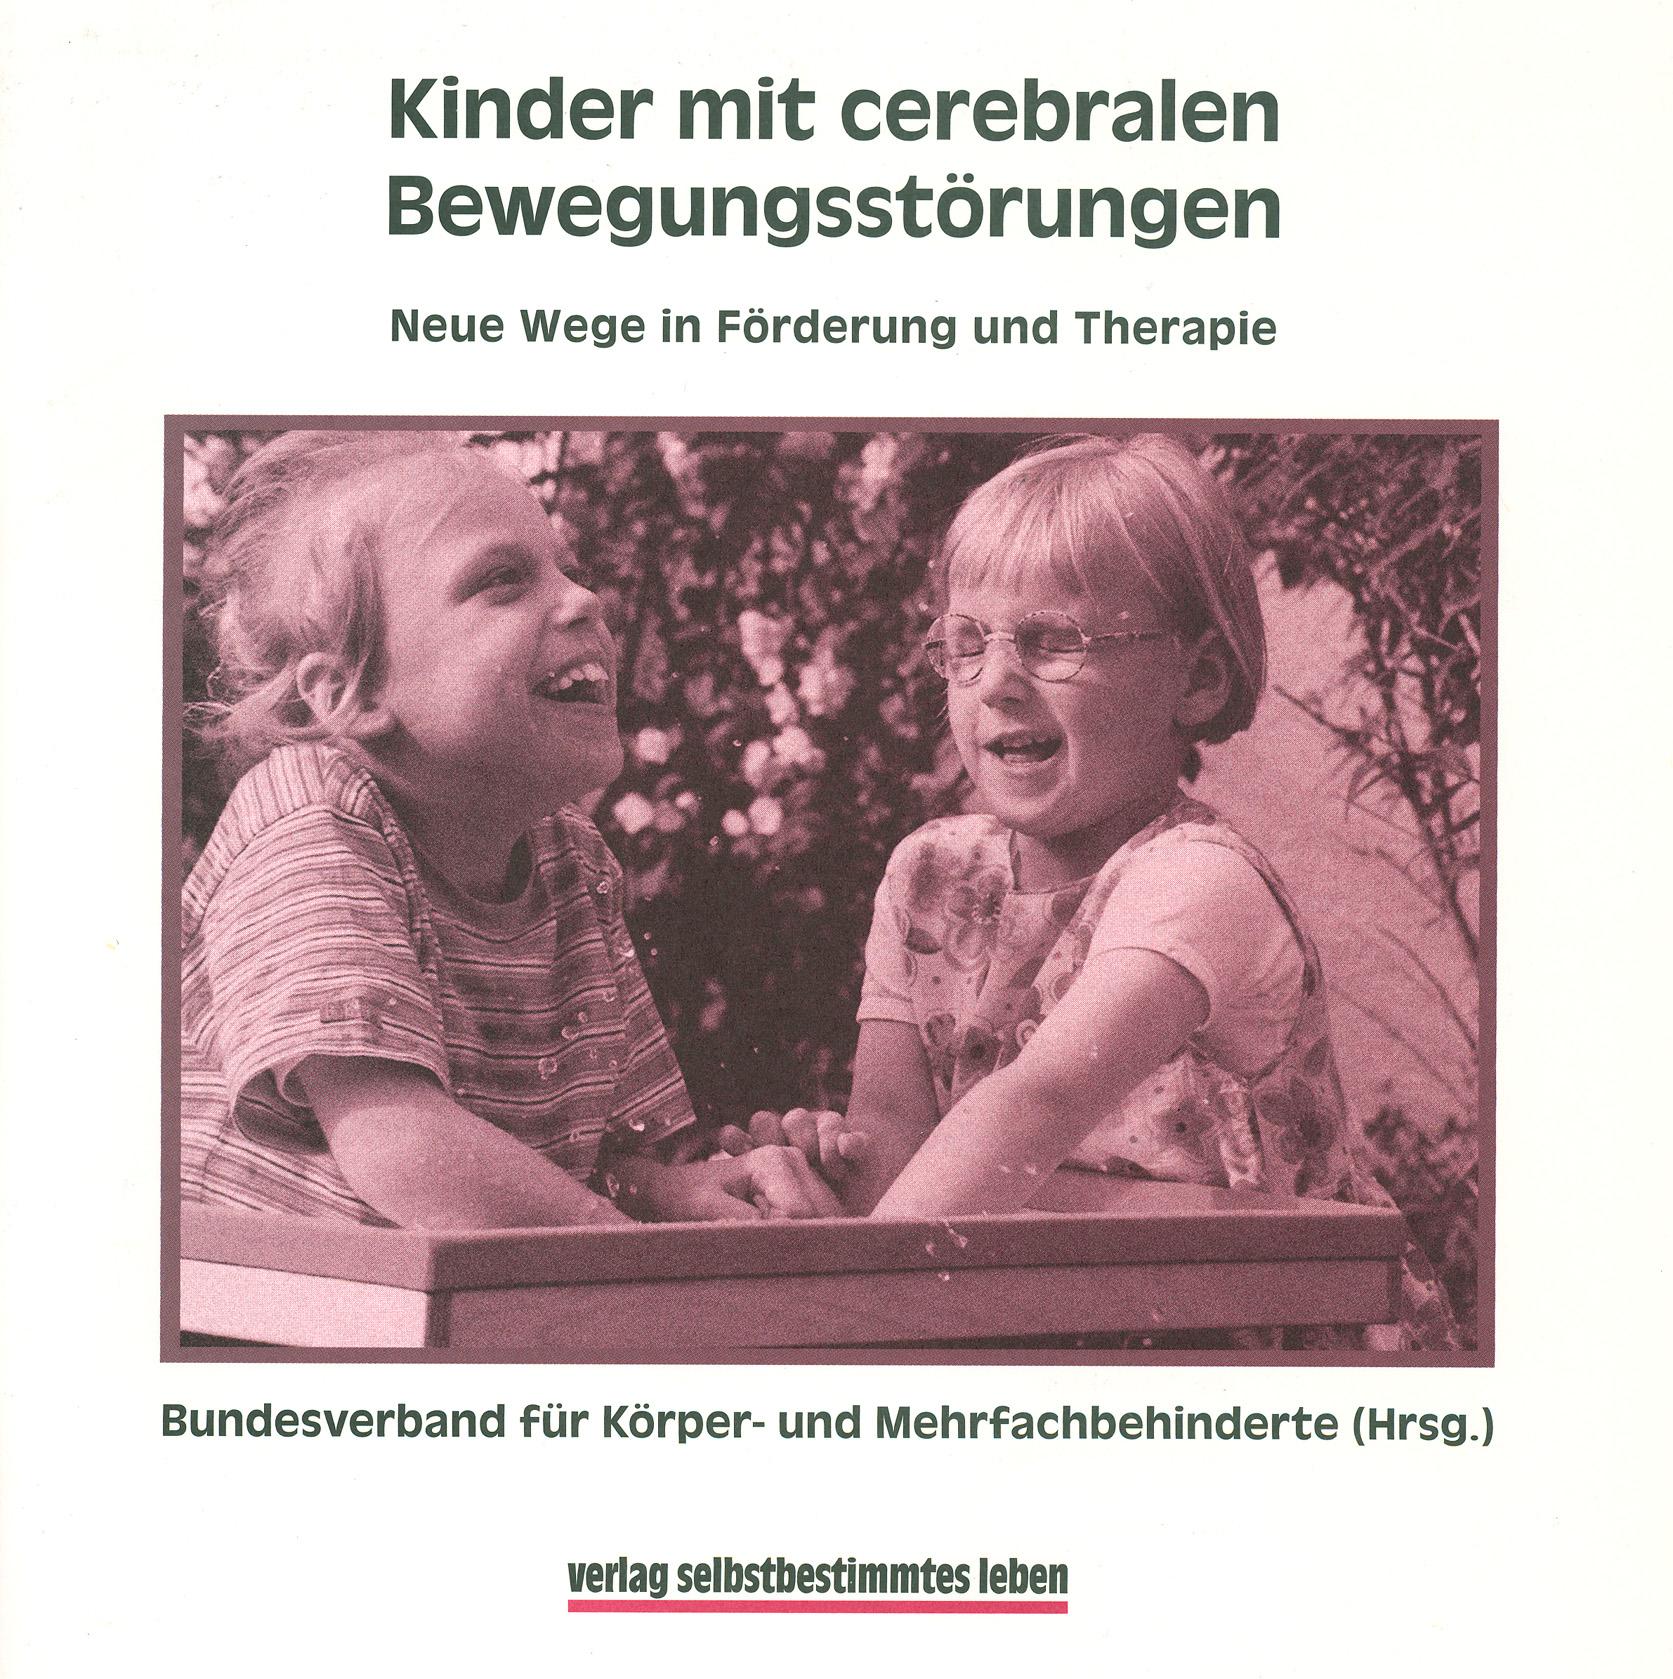 Cerebrale_Bewegungsstörungen_Neue_Wege_in_Foerderung_und_Therapie